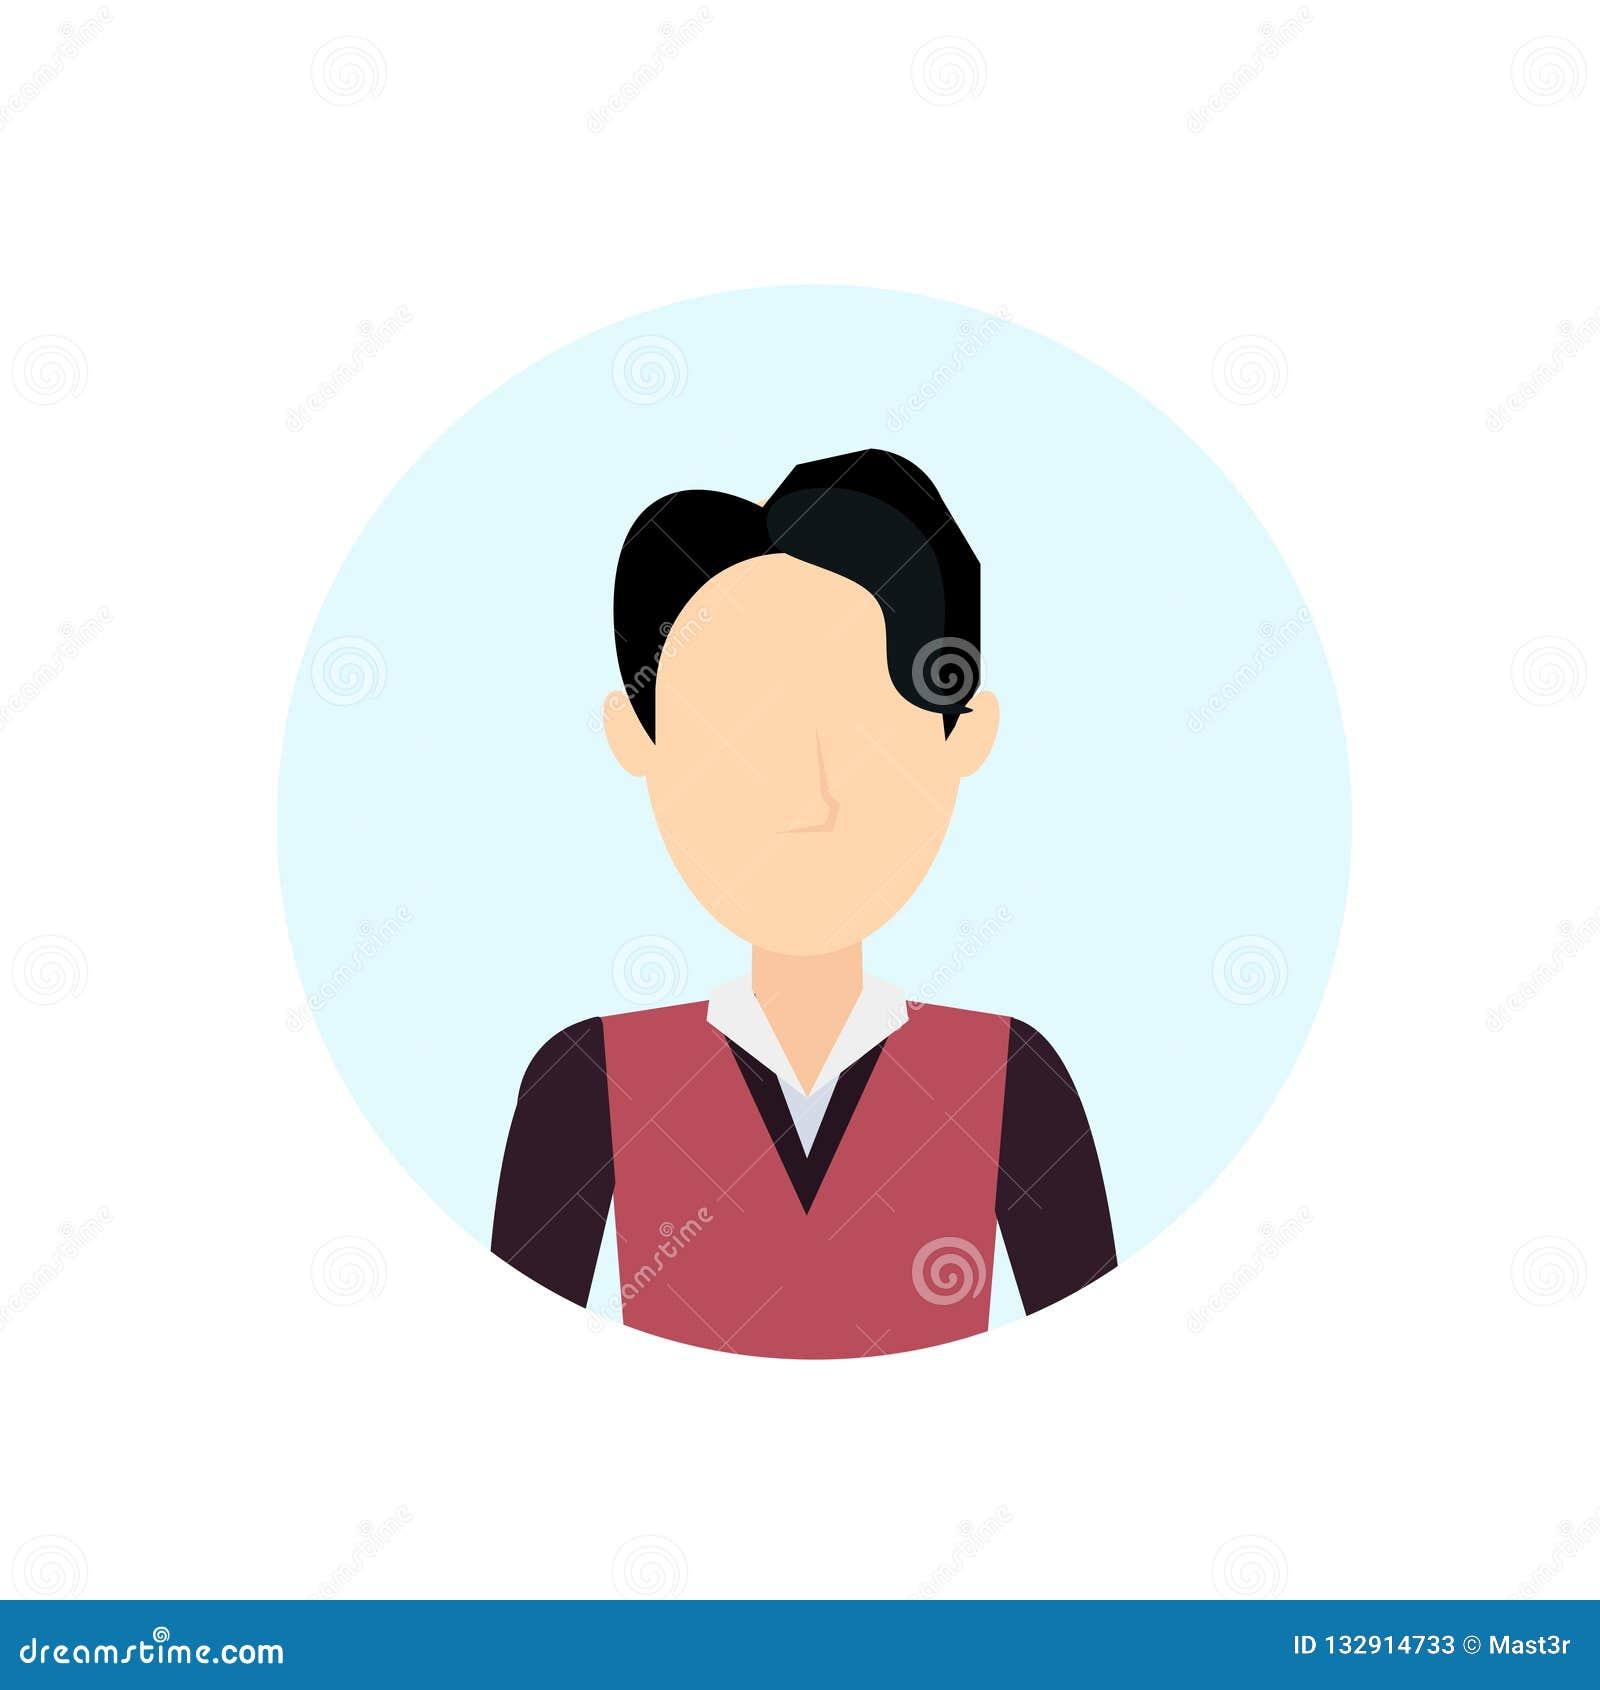 Asiatischer Mannavatara lokalisierte gesichtslose männliche Zeichentrickfilm-Figur-Porträtebene